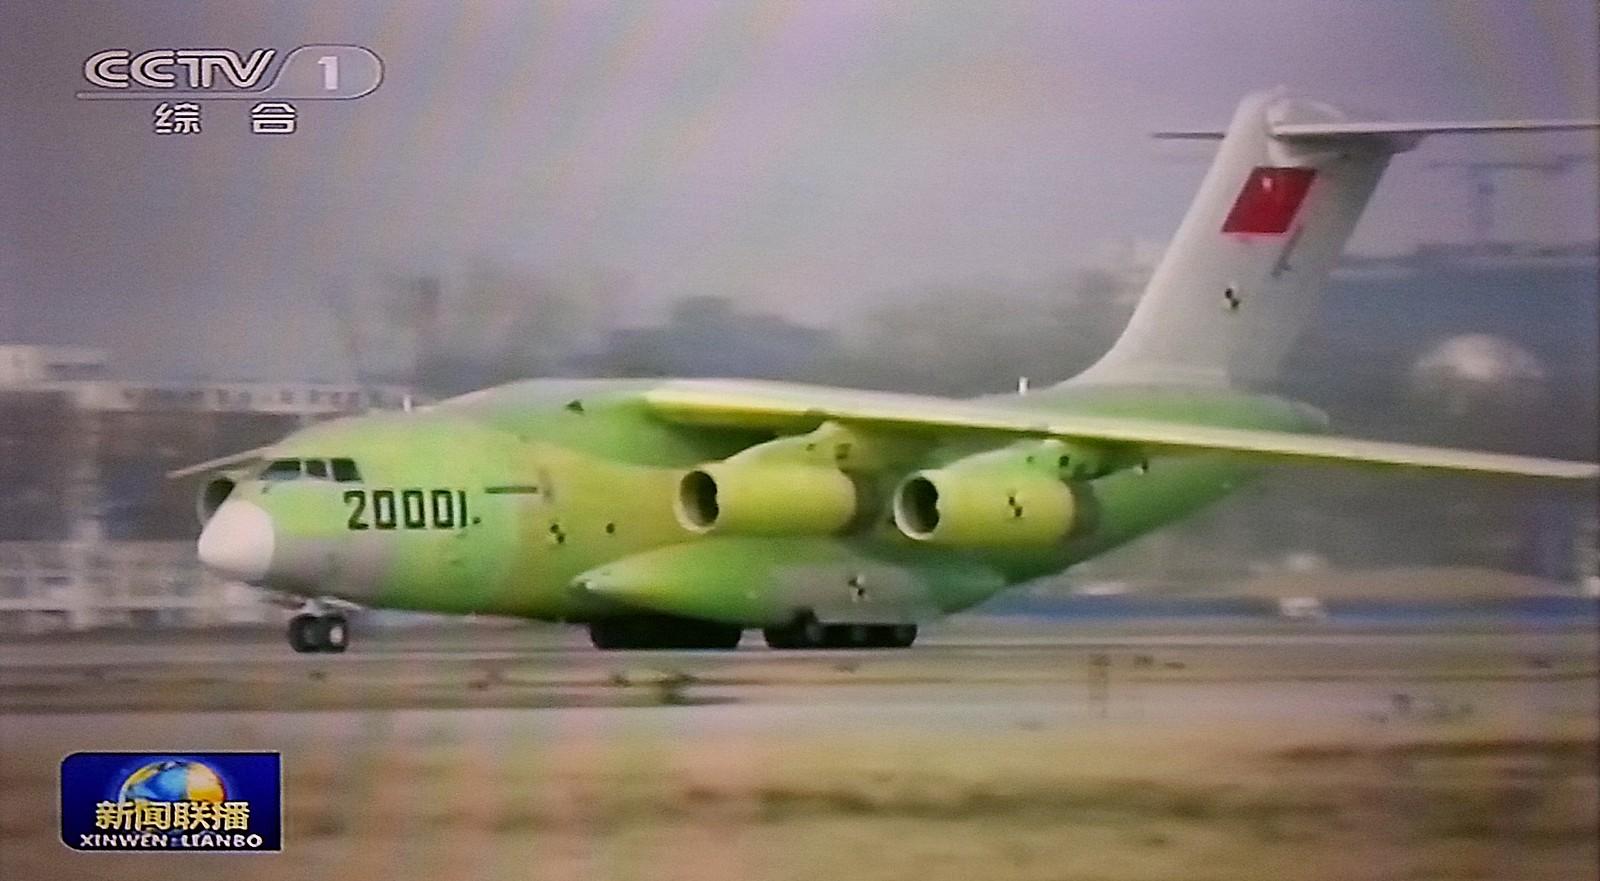 Fuerzas Armadas de la República Popular China - Página 3 Military+transport+aircraft+Y-20+2